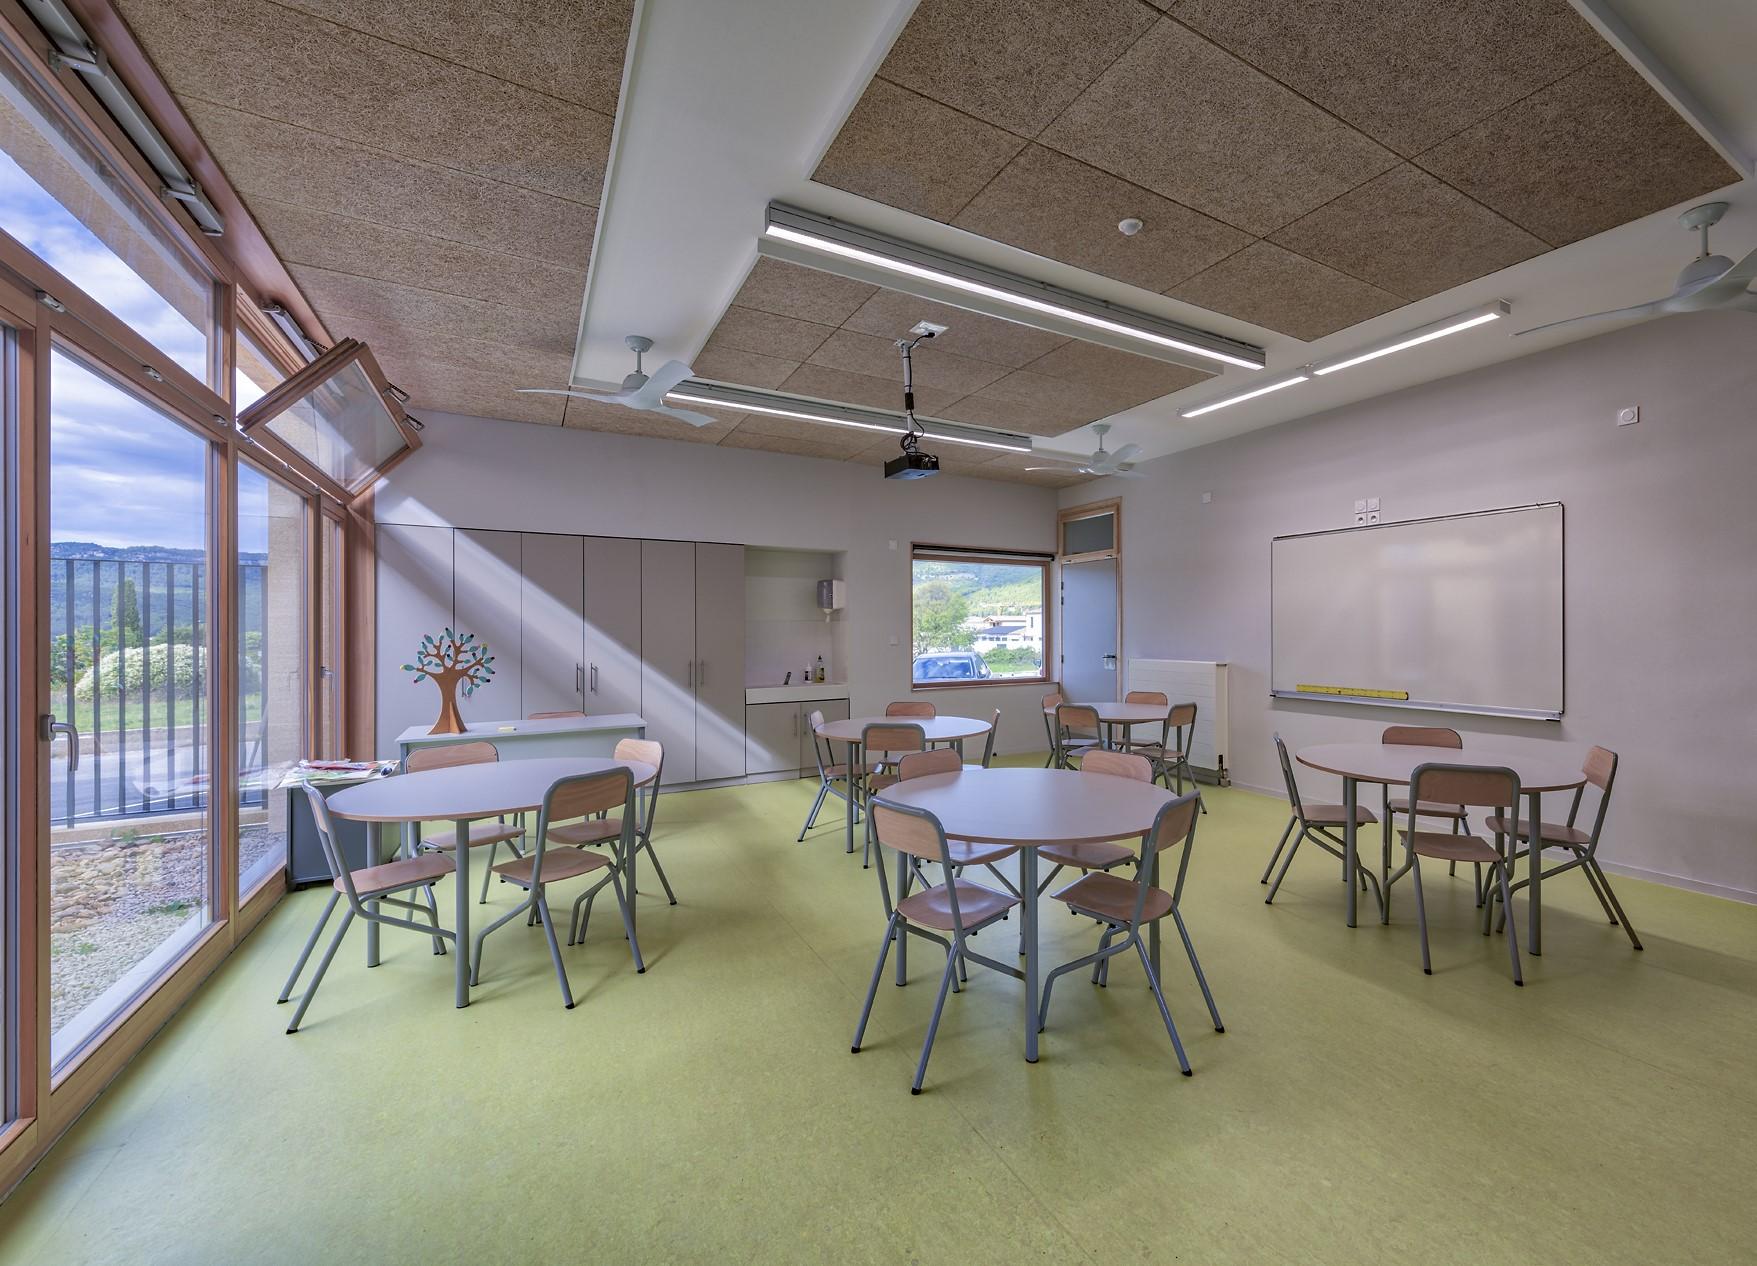 Eclairage d'une classe dans l'école Simone Veil